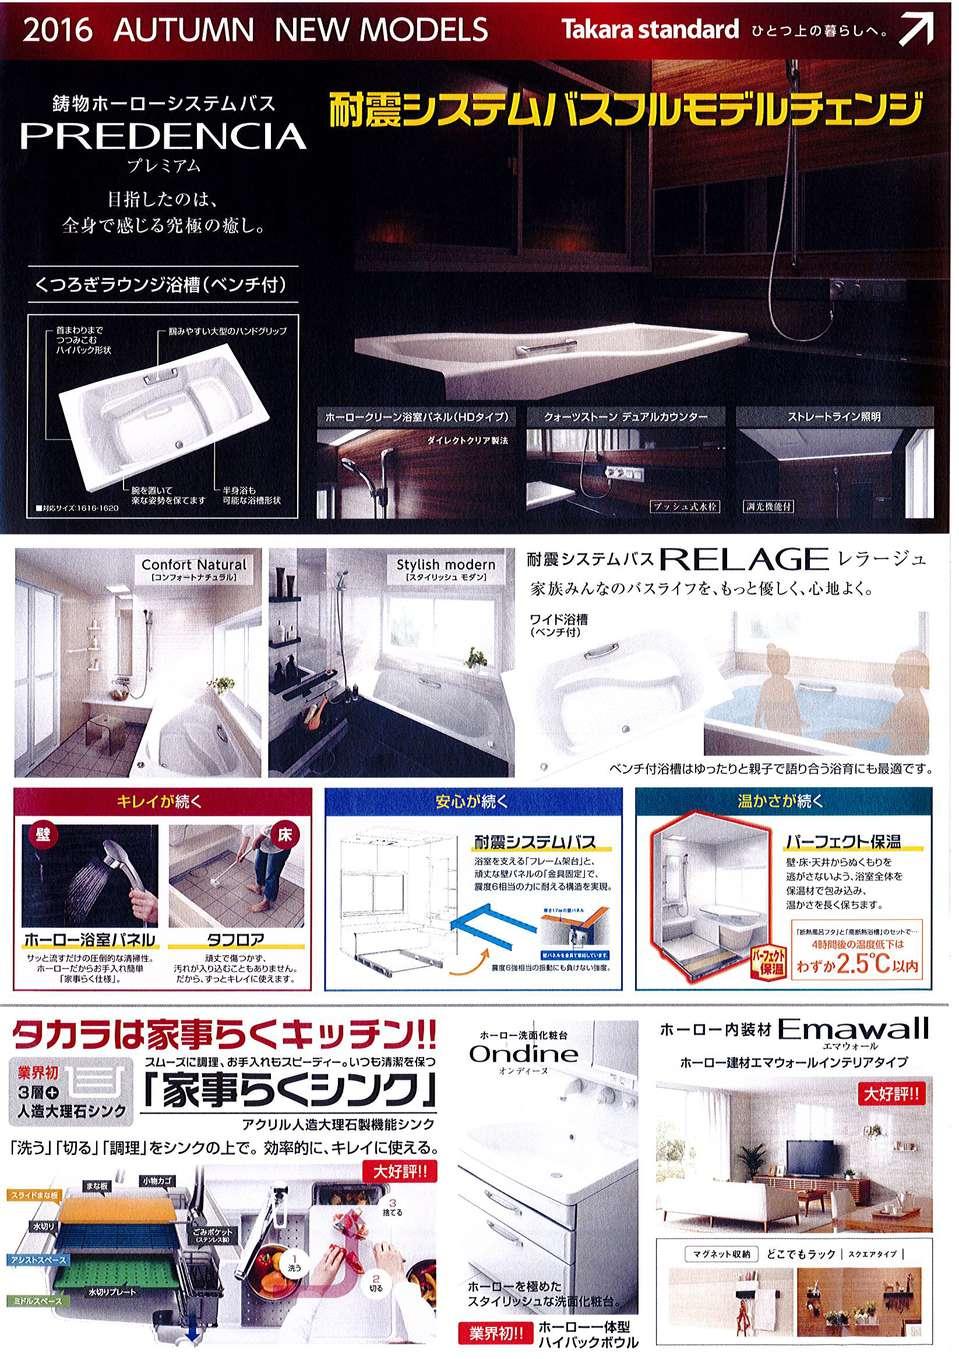 takara201602 (1).jpg